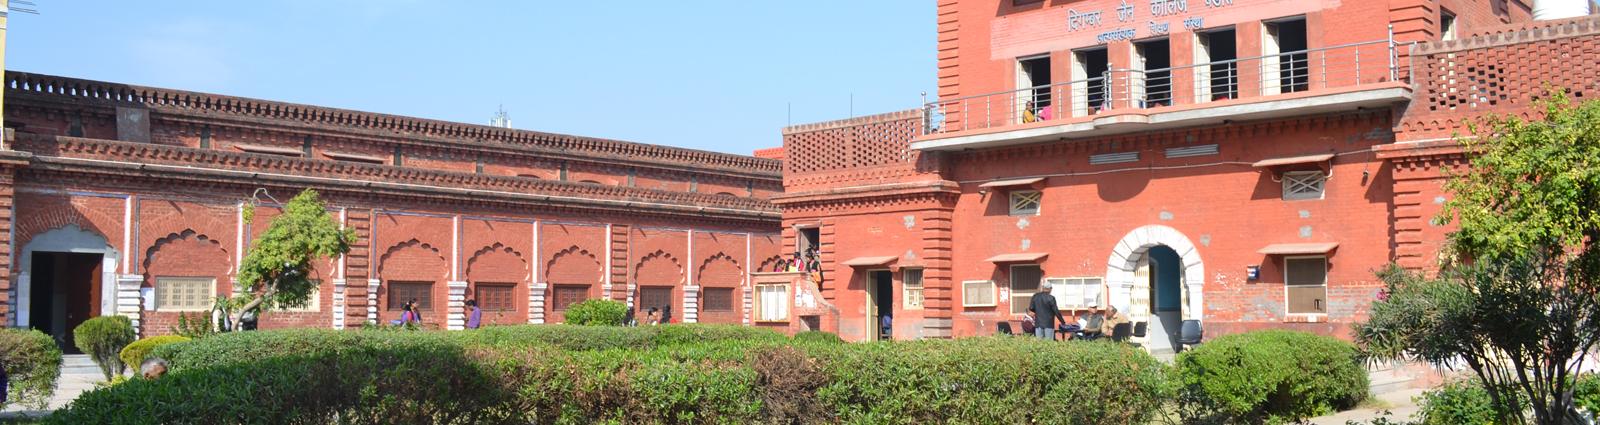 Digambar Jain College, Baraut Image